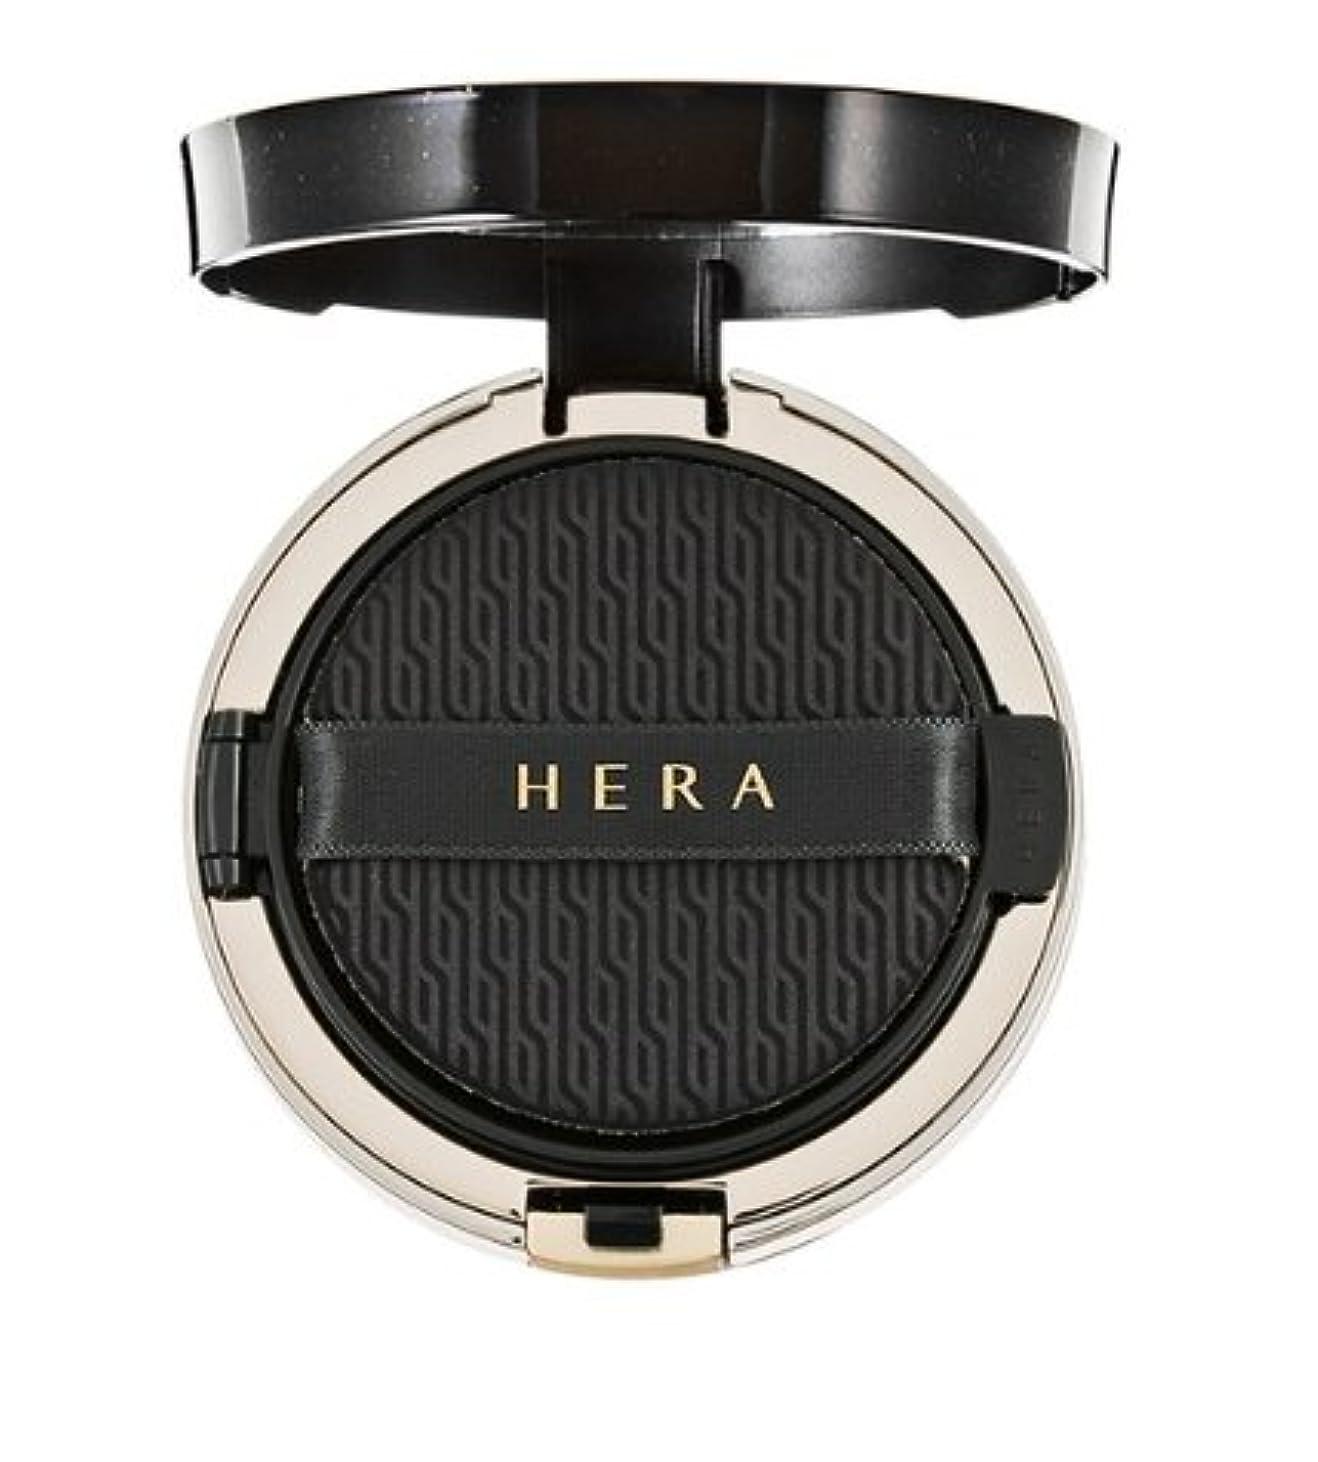 牛肉アリス非互換(ヘラ) Hera ブラッククッション SPF34/PA++ 本品15g+リフィール15g / Black Cushion SPF34/PA++ 15g+Refil15g (No.21 banila) (韓国直発送) shumaman